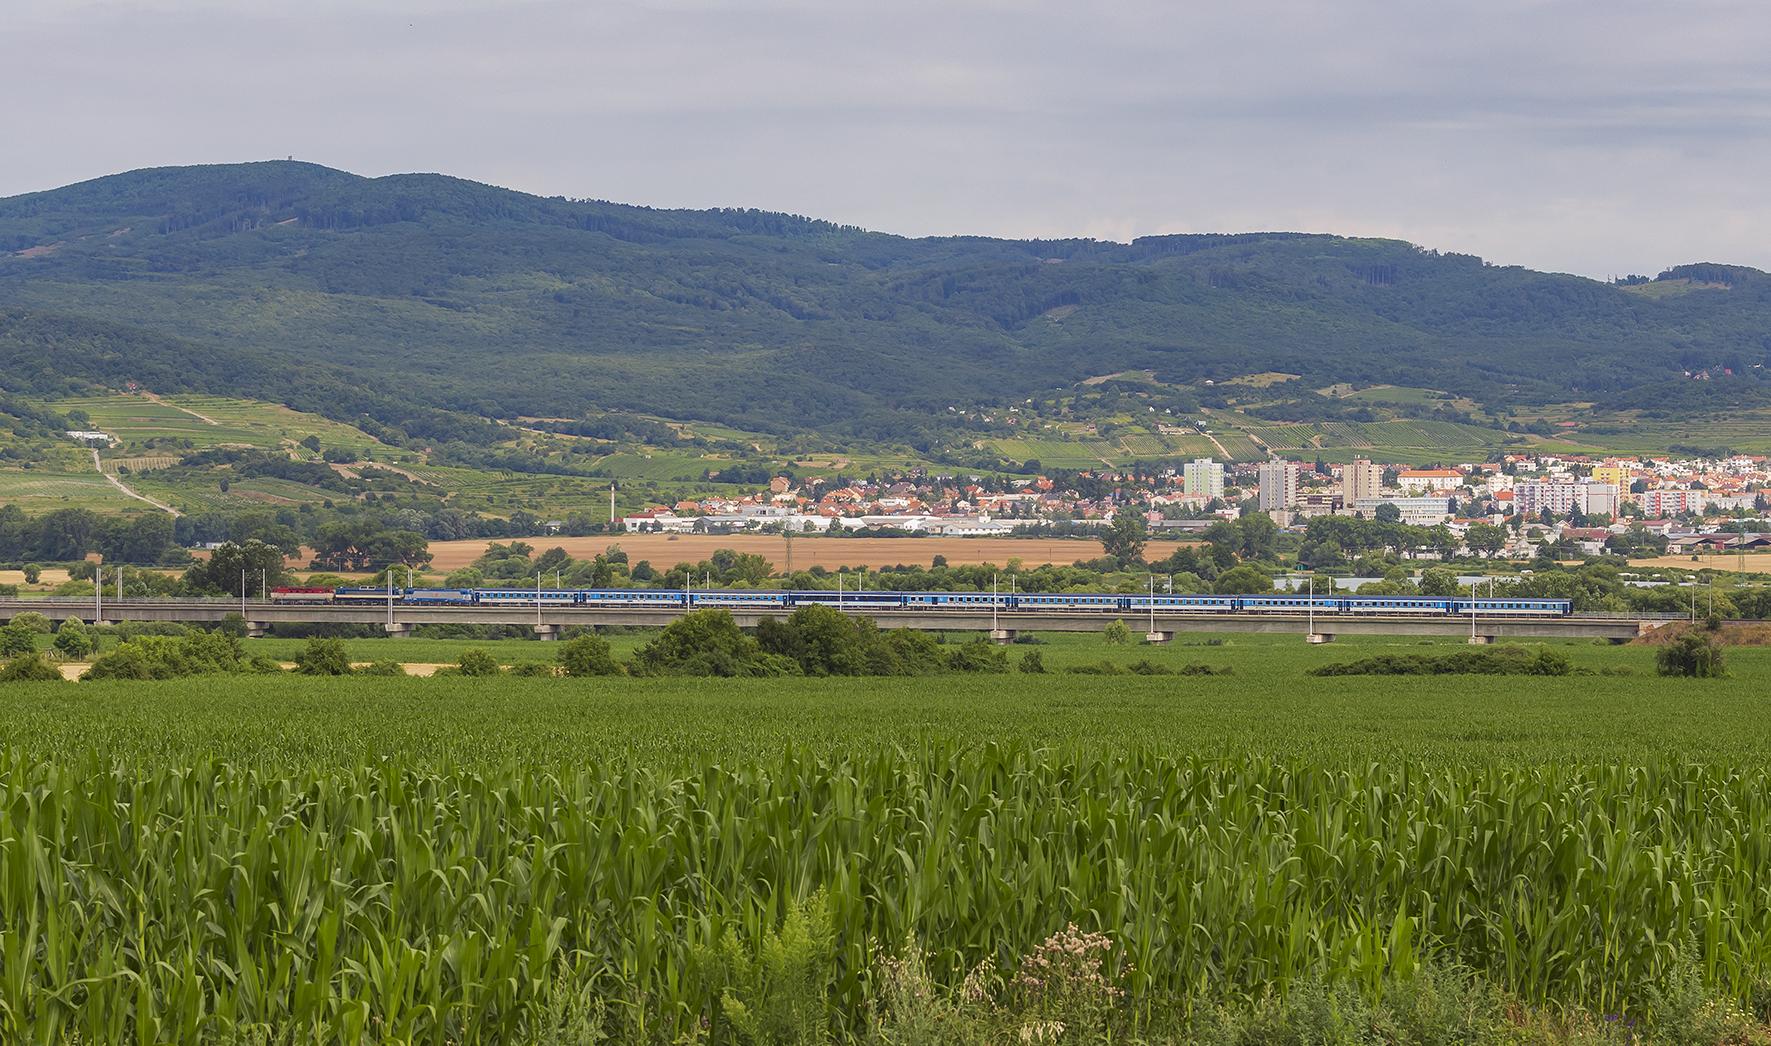 Na ikonickom Šenkvickom viadukte prechádza vlak EC 280 Metropolitan z Budapešti do Prahy s rušňami 751.083, 362.011 a 380.007. Bardotka sa neskôr vrátila z Bratislavy do Leopoldova ako RV, 362.011 odstúpila v Bratislave hl. st. a popoludní sa vydala do Rajky s EC 275.